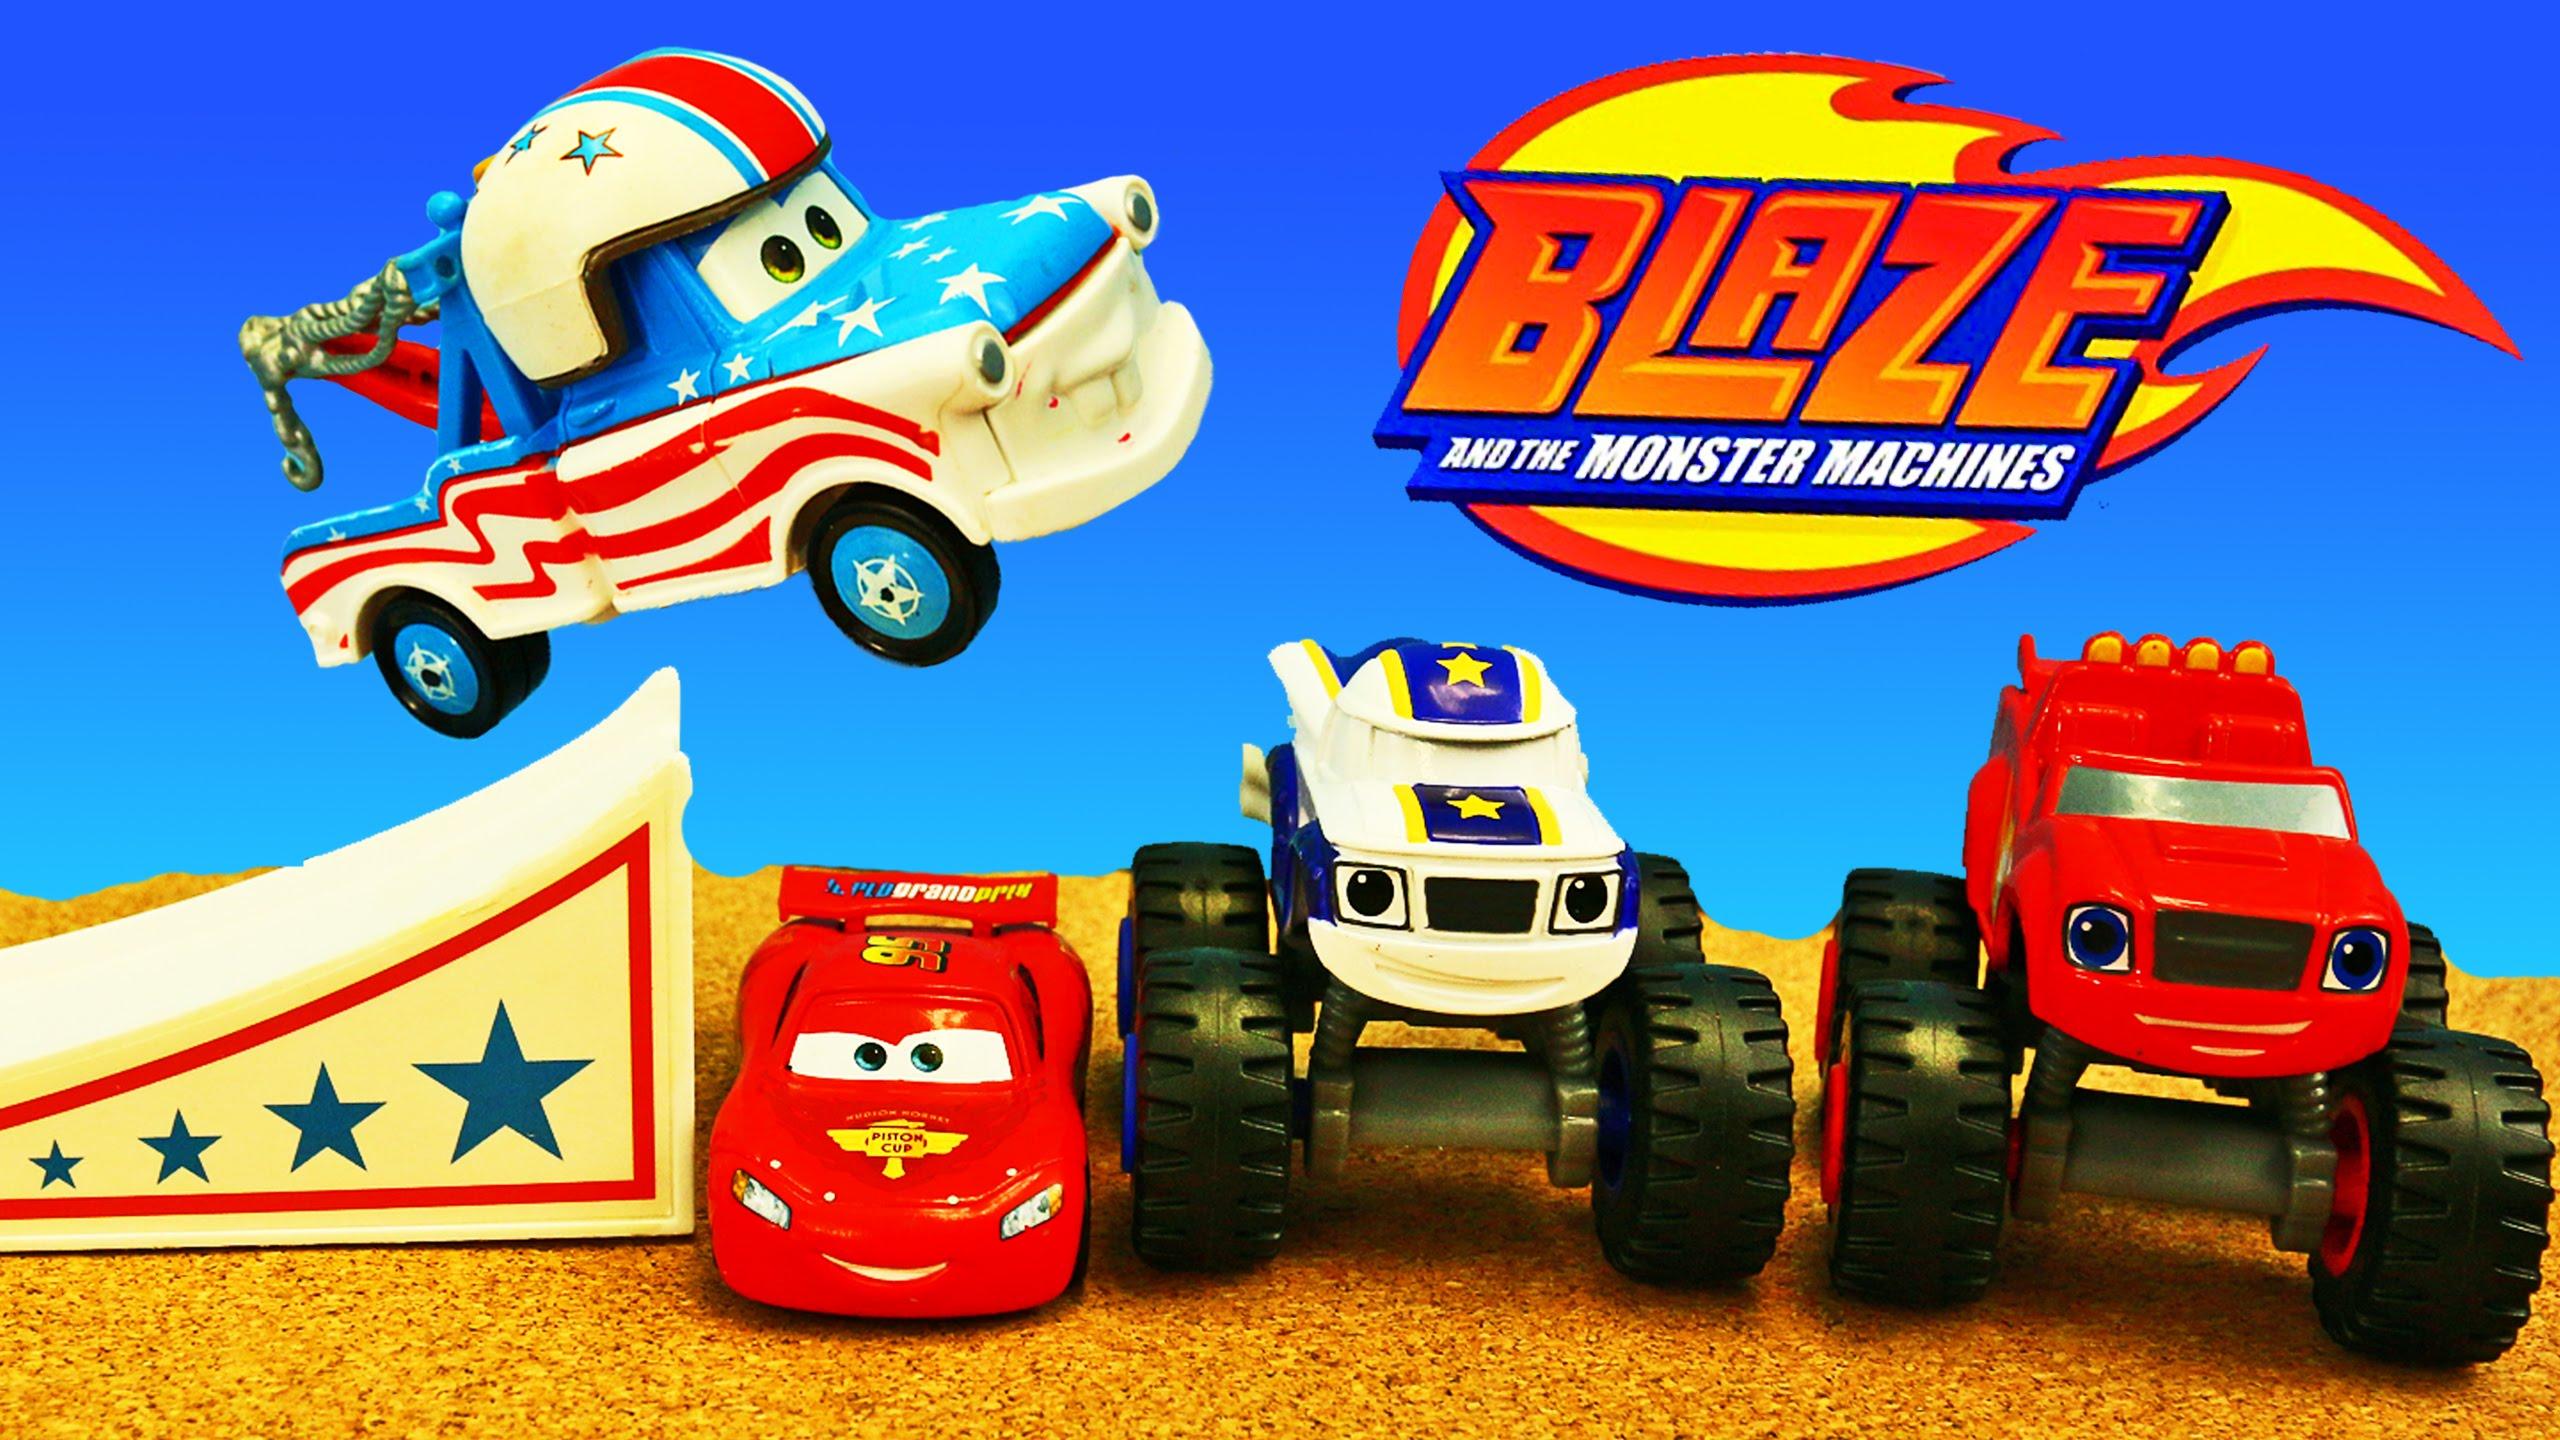 tienda-de-juguetes-de-los-monster-machine